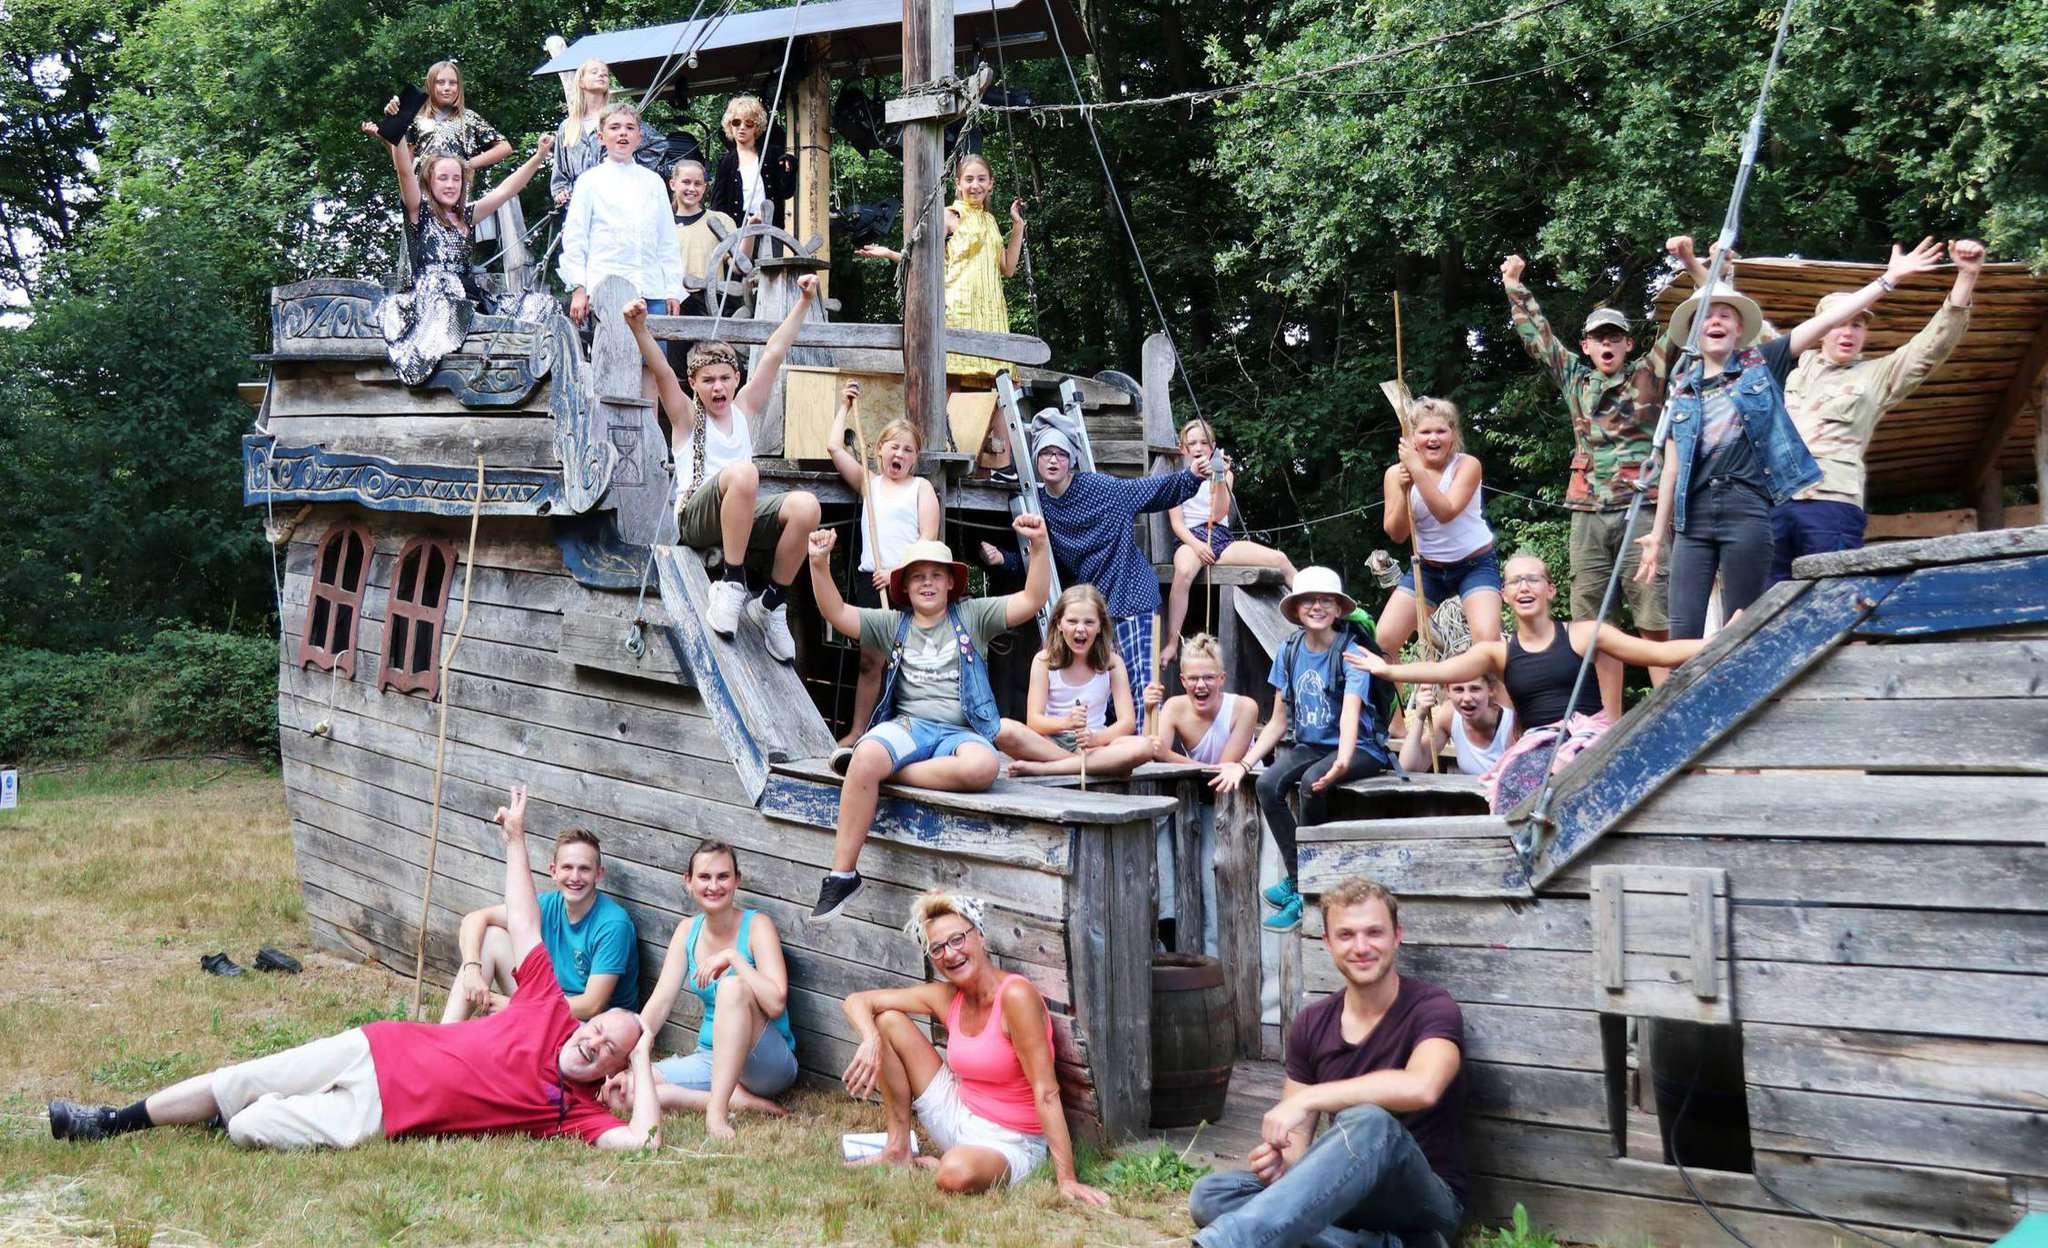 Auch in diesem Jahr machen Kinder Theater u2013 allerdings statt im Zirkuszelt auf dem Piratenplatz in Hartböhn. Foto: Nina Baucke